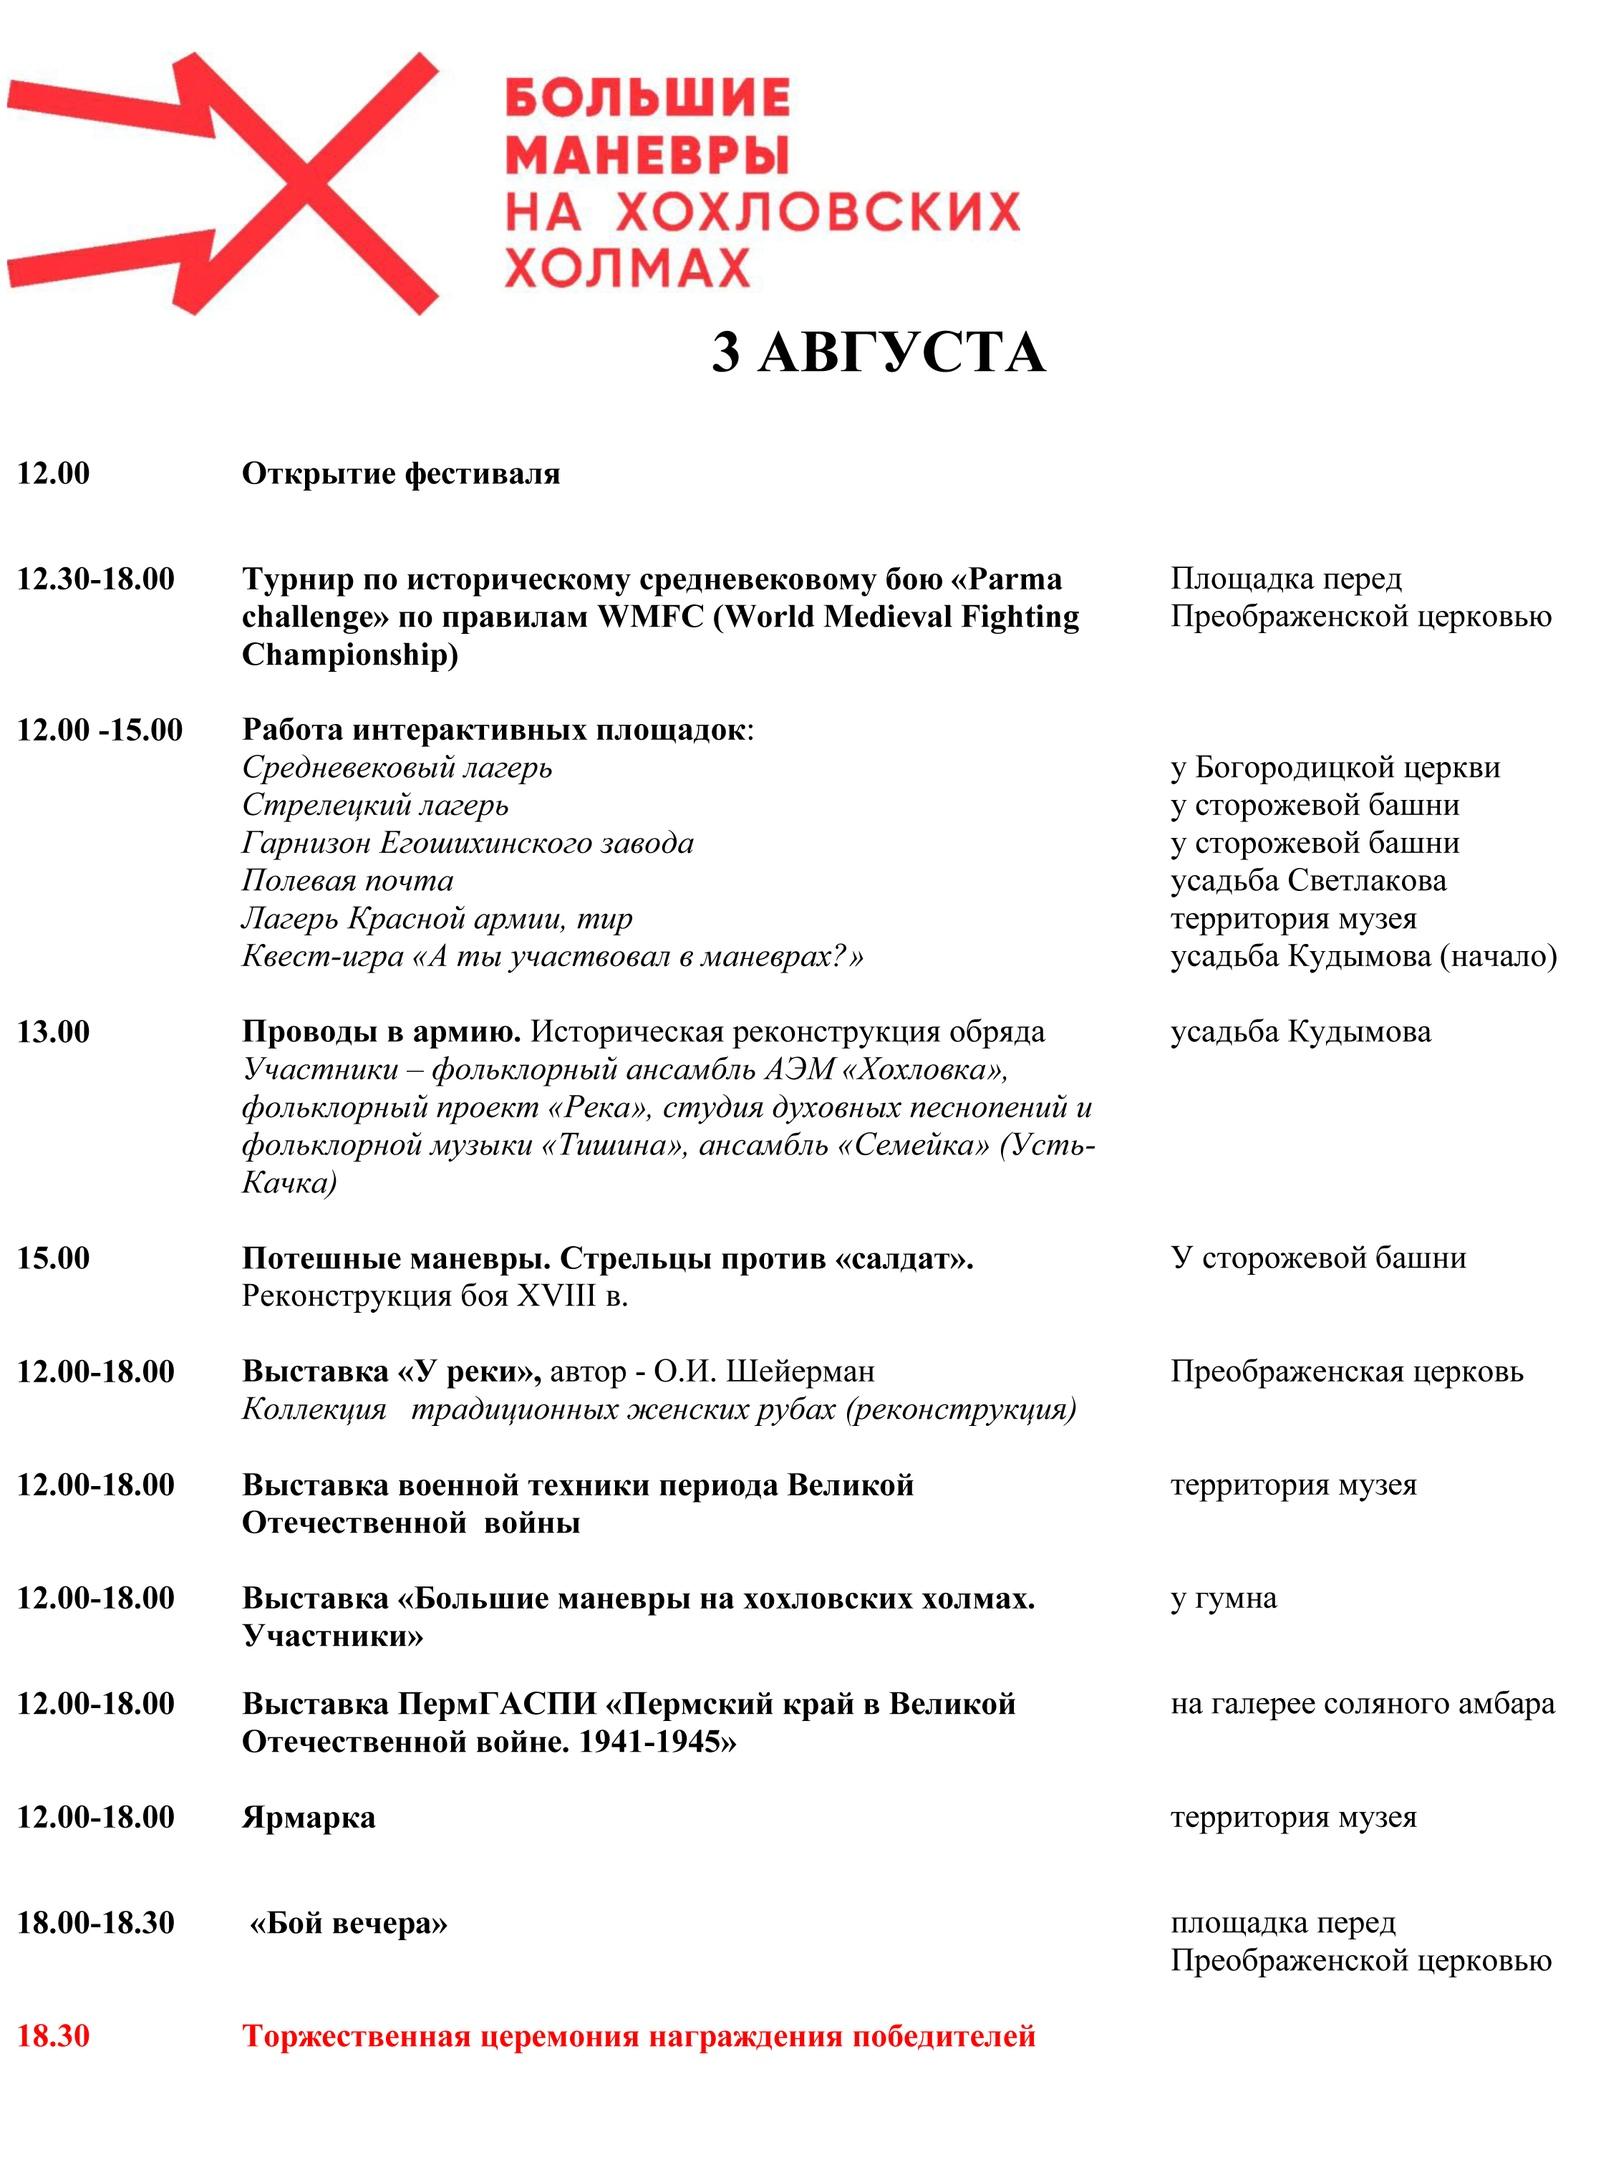 Программа 3 августа